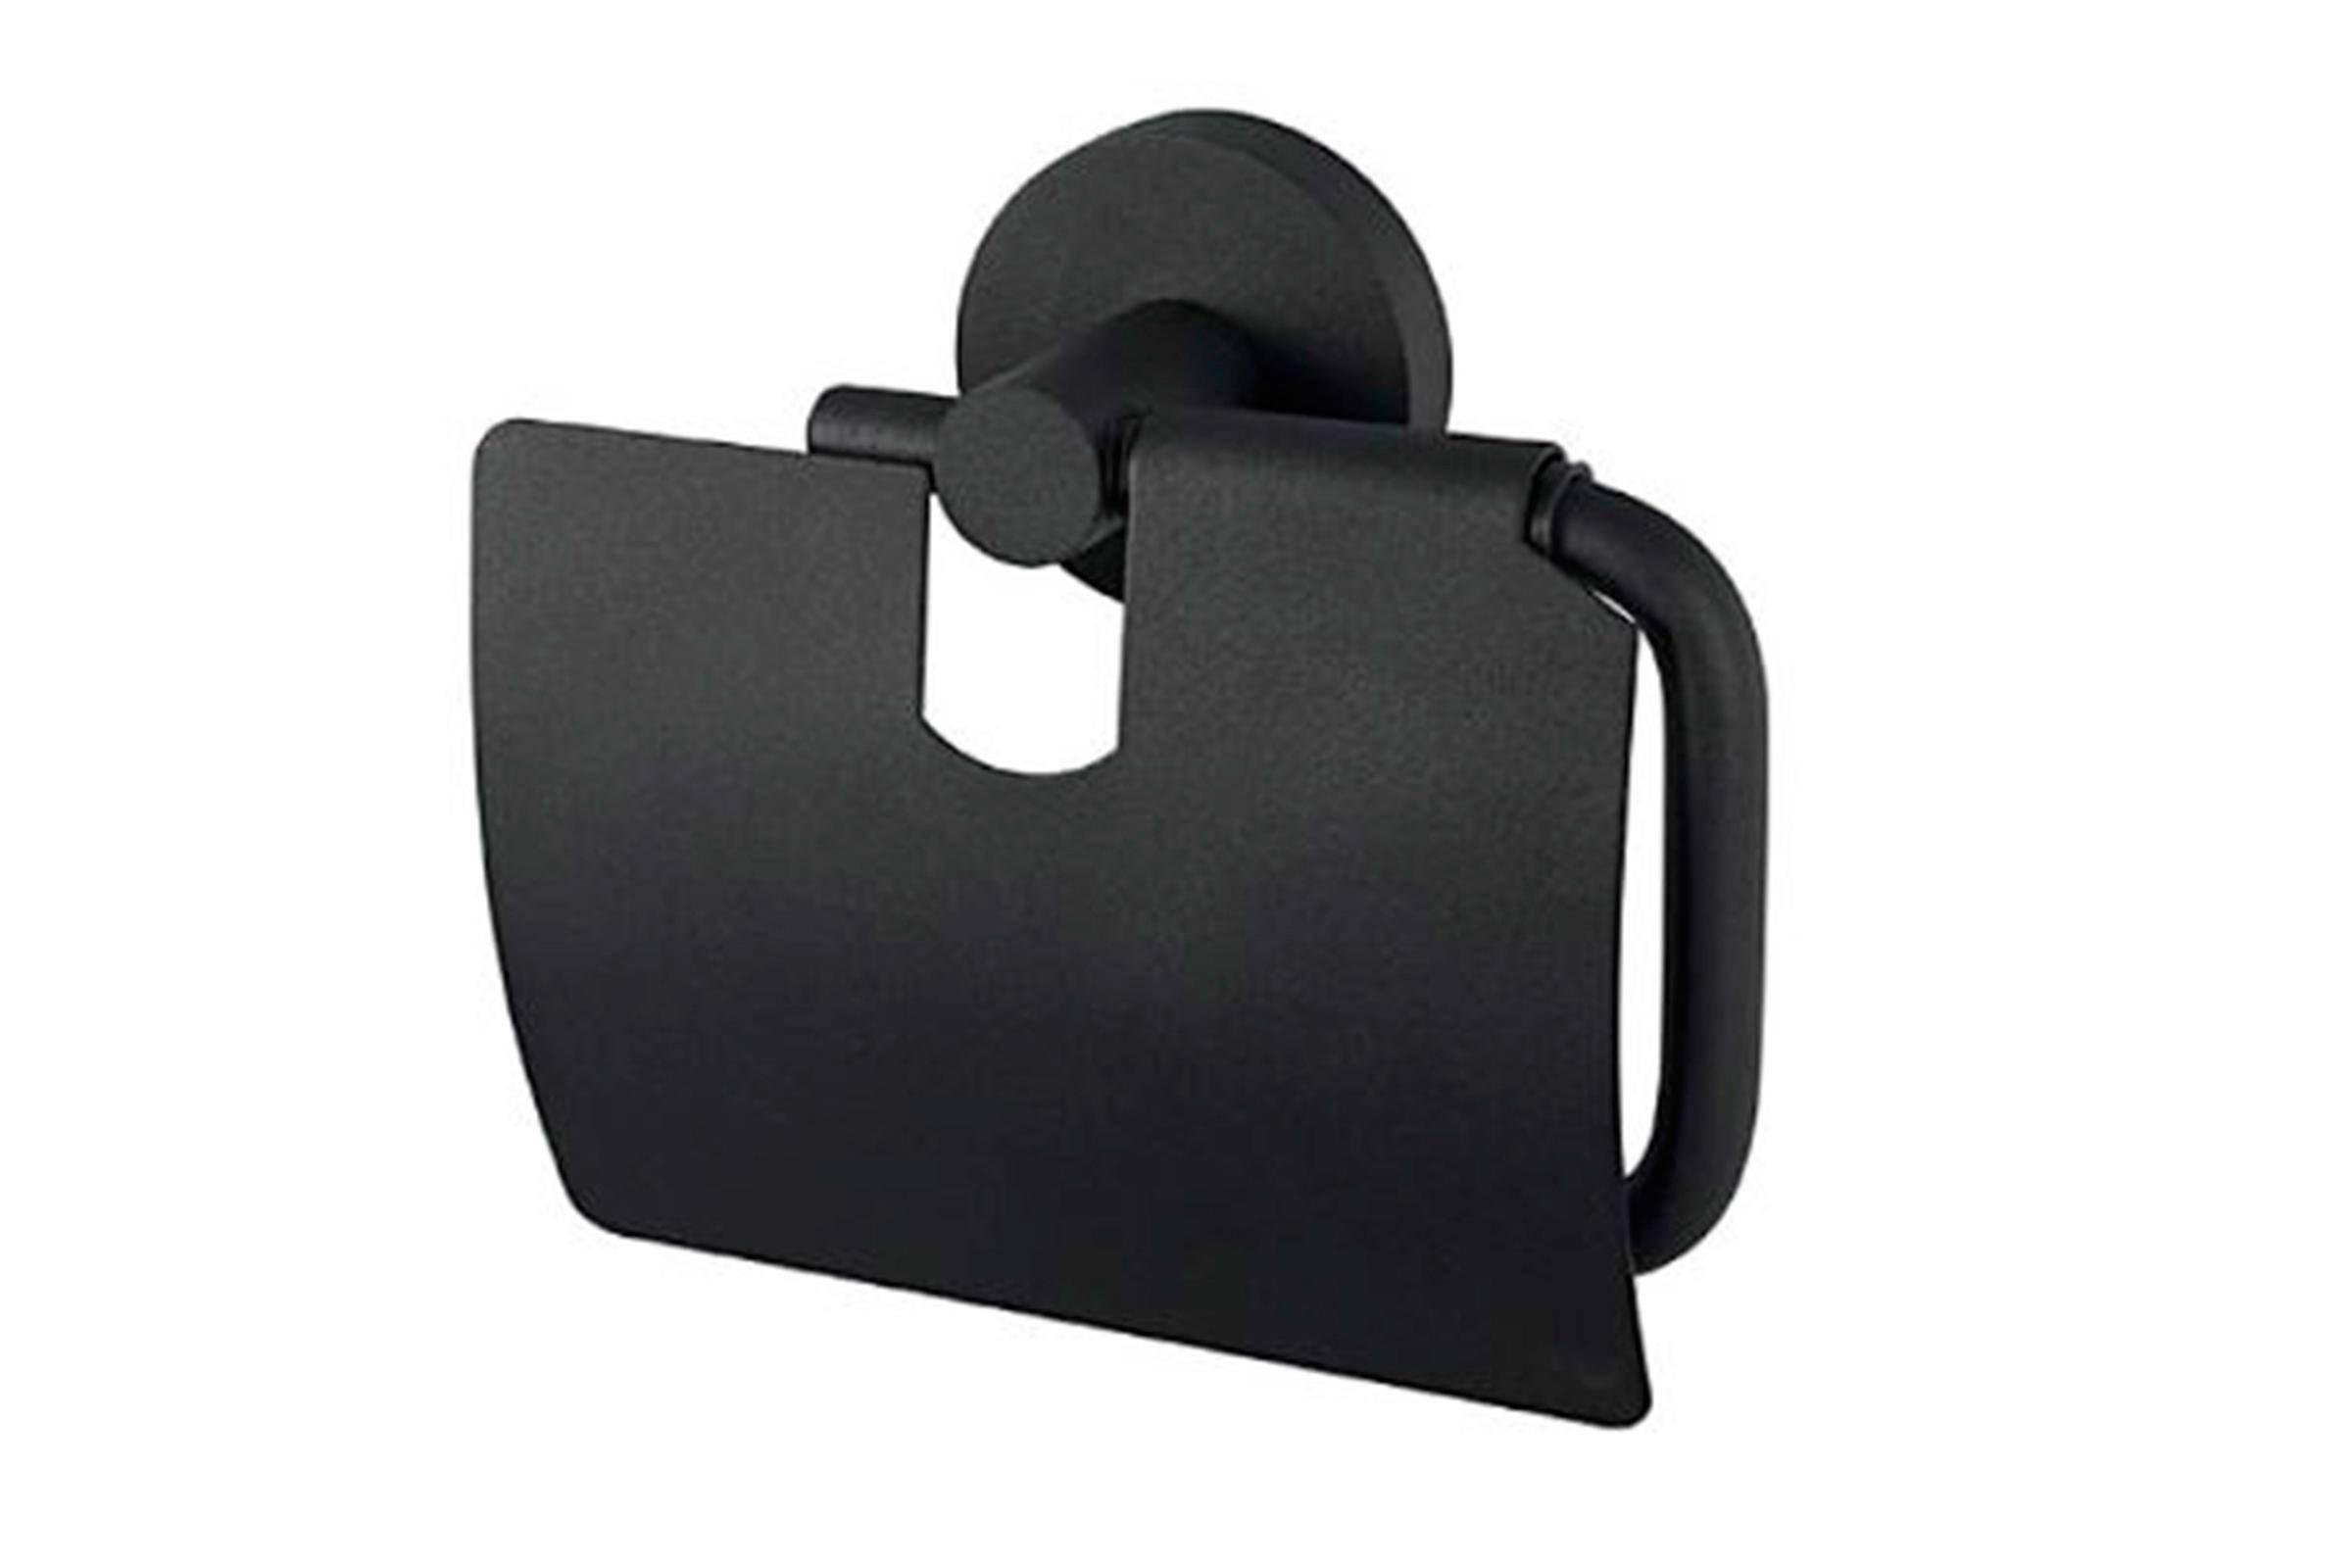 Toilet Accessoires Zwart : Toiletrolhouder bij wehkamp gratis bezorging vanaf